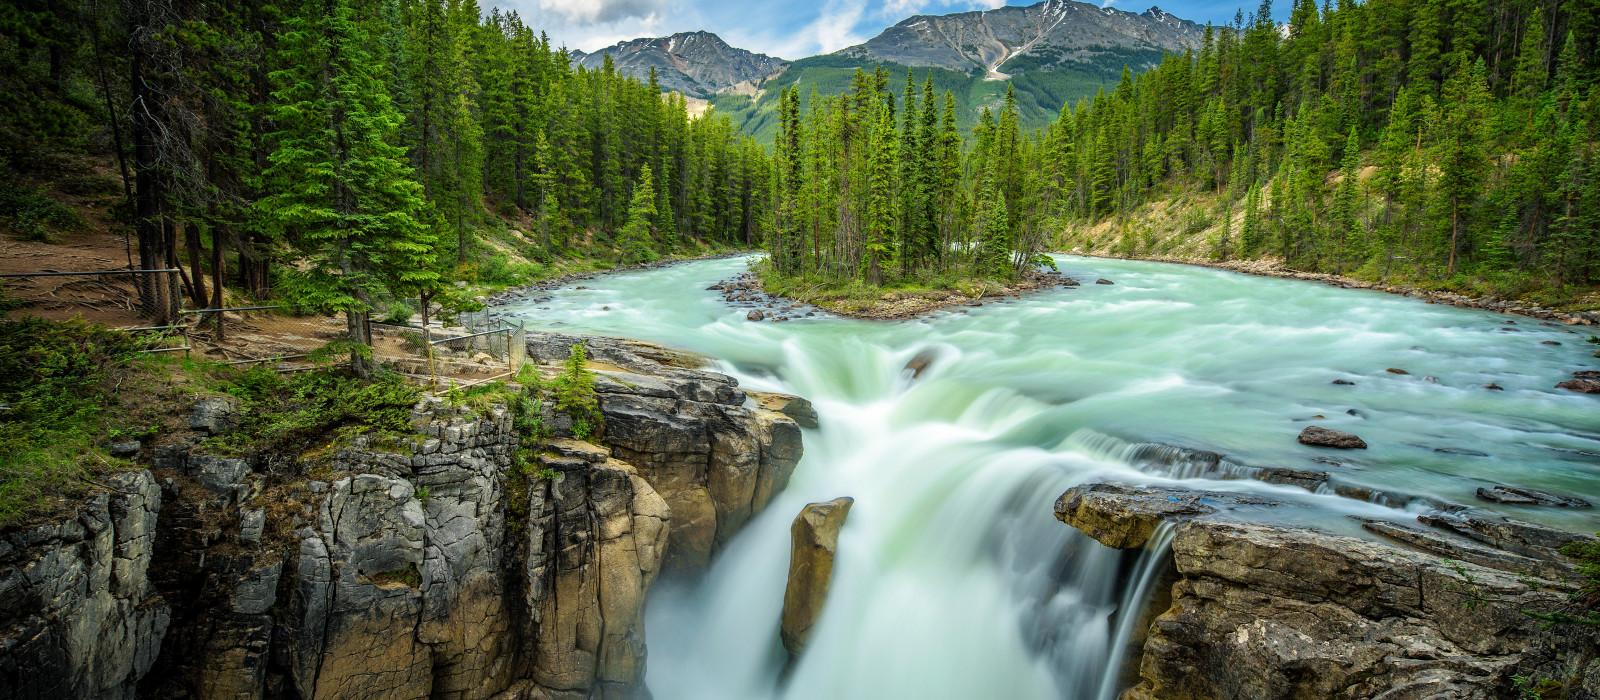 Kanada Roadtrip – Abenteuer im Herzen der Rocky Mountains Urlaub 1